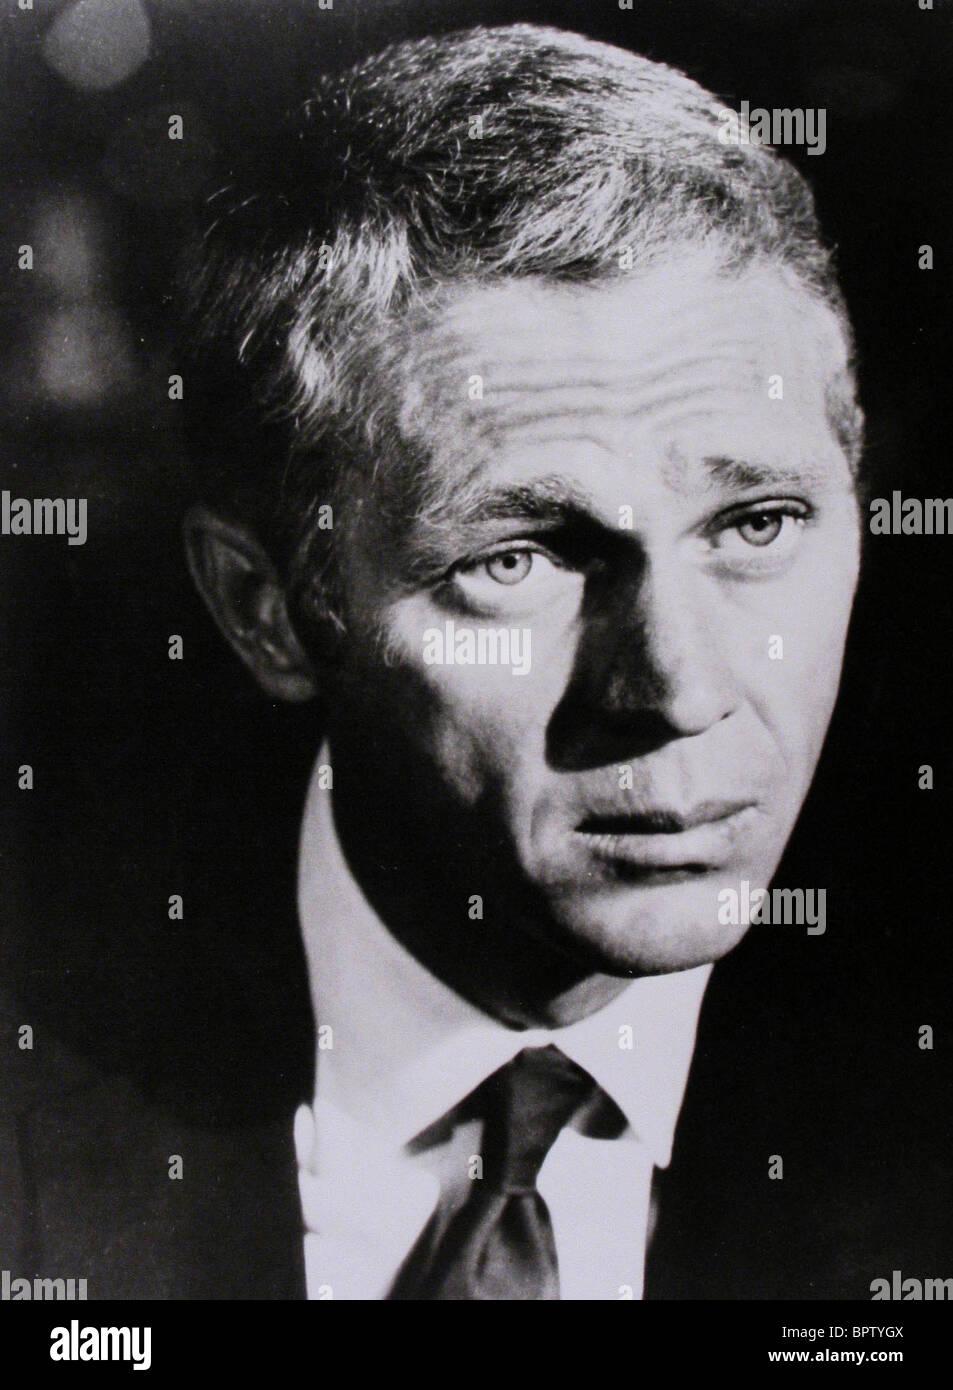 STEVE MCQUEEN ACTOR (1975) - Stock Image